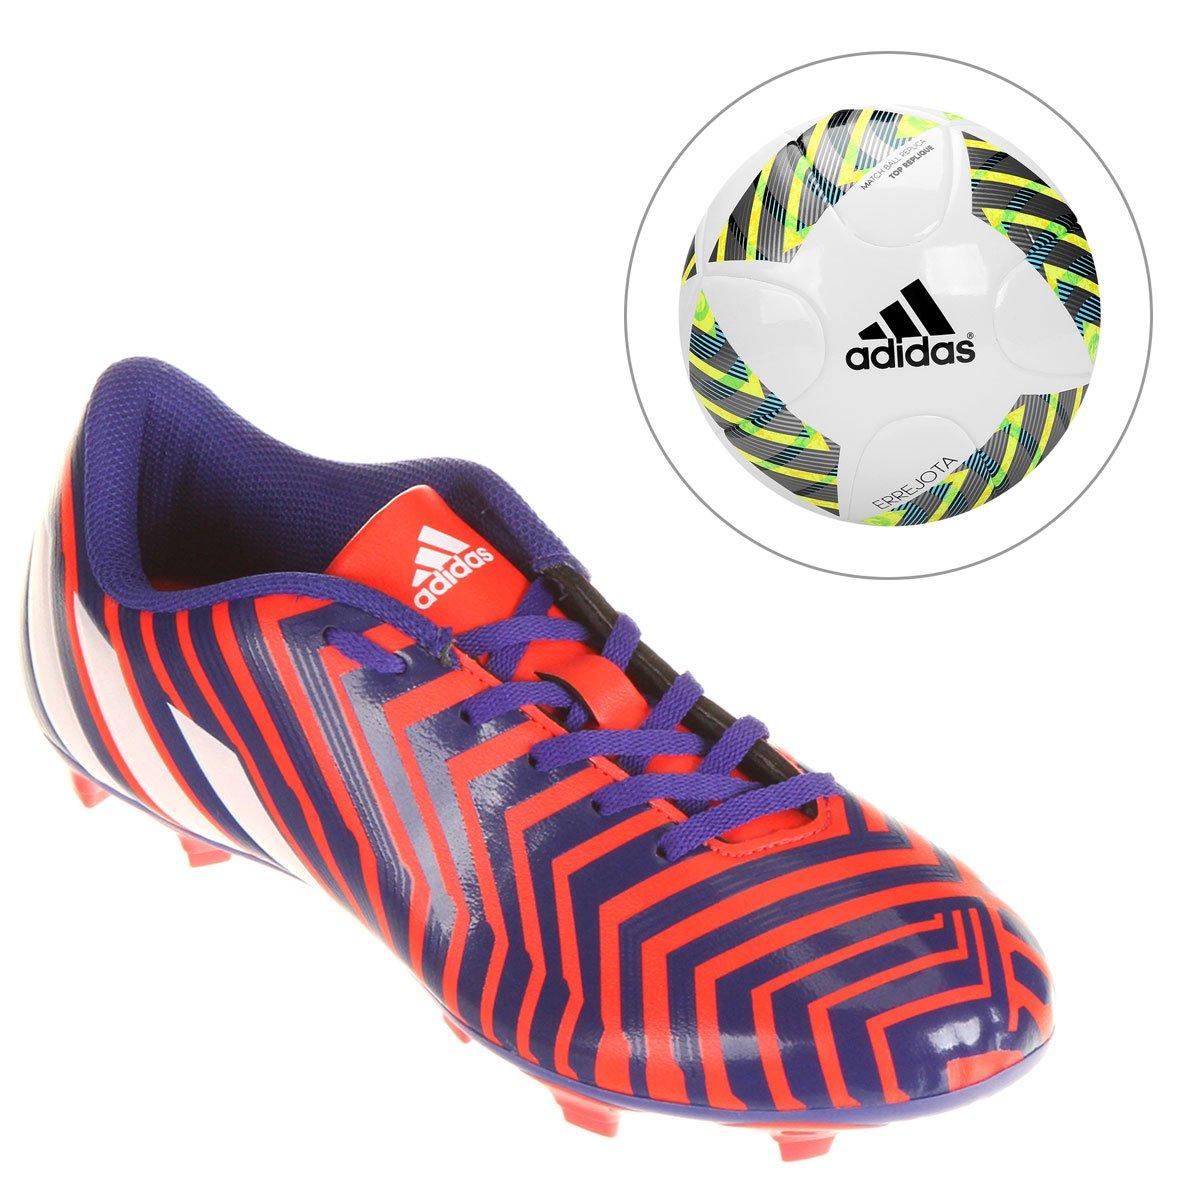 f5f39bdf85 Chuteira Adidas Predito Instinct FG Campo + Bola Adidas Errejota Fifa Top  Repliqe - Compre Agora